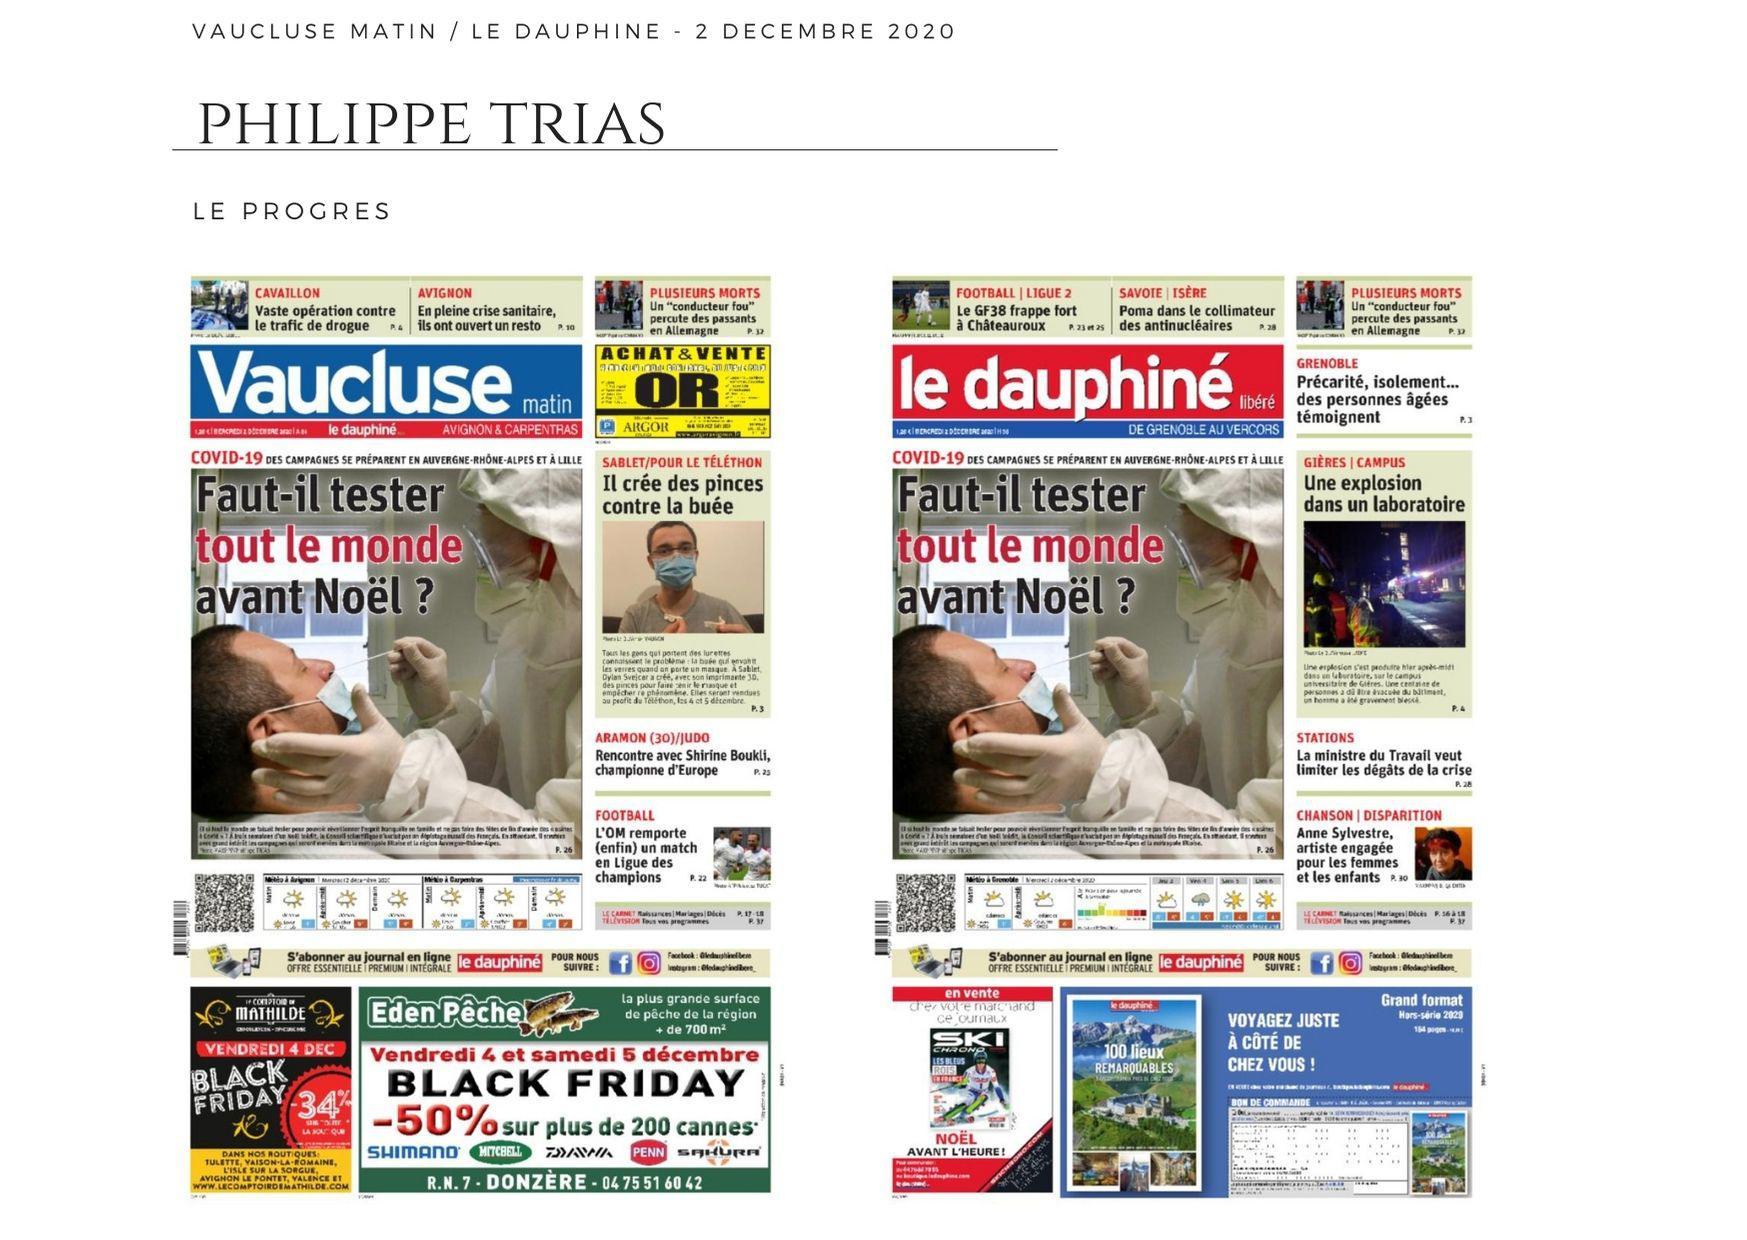 Le Dauphiné Libéré / Vaucluse Matin - 2 décembre 2020